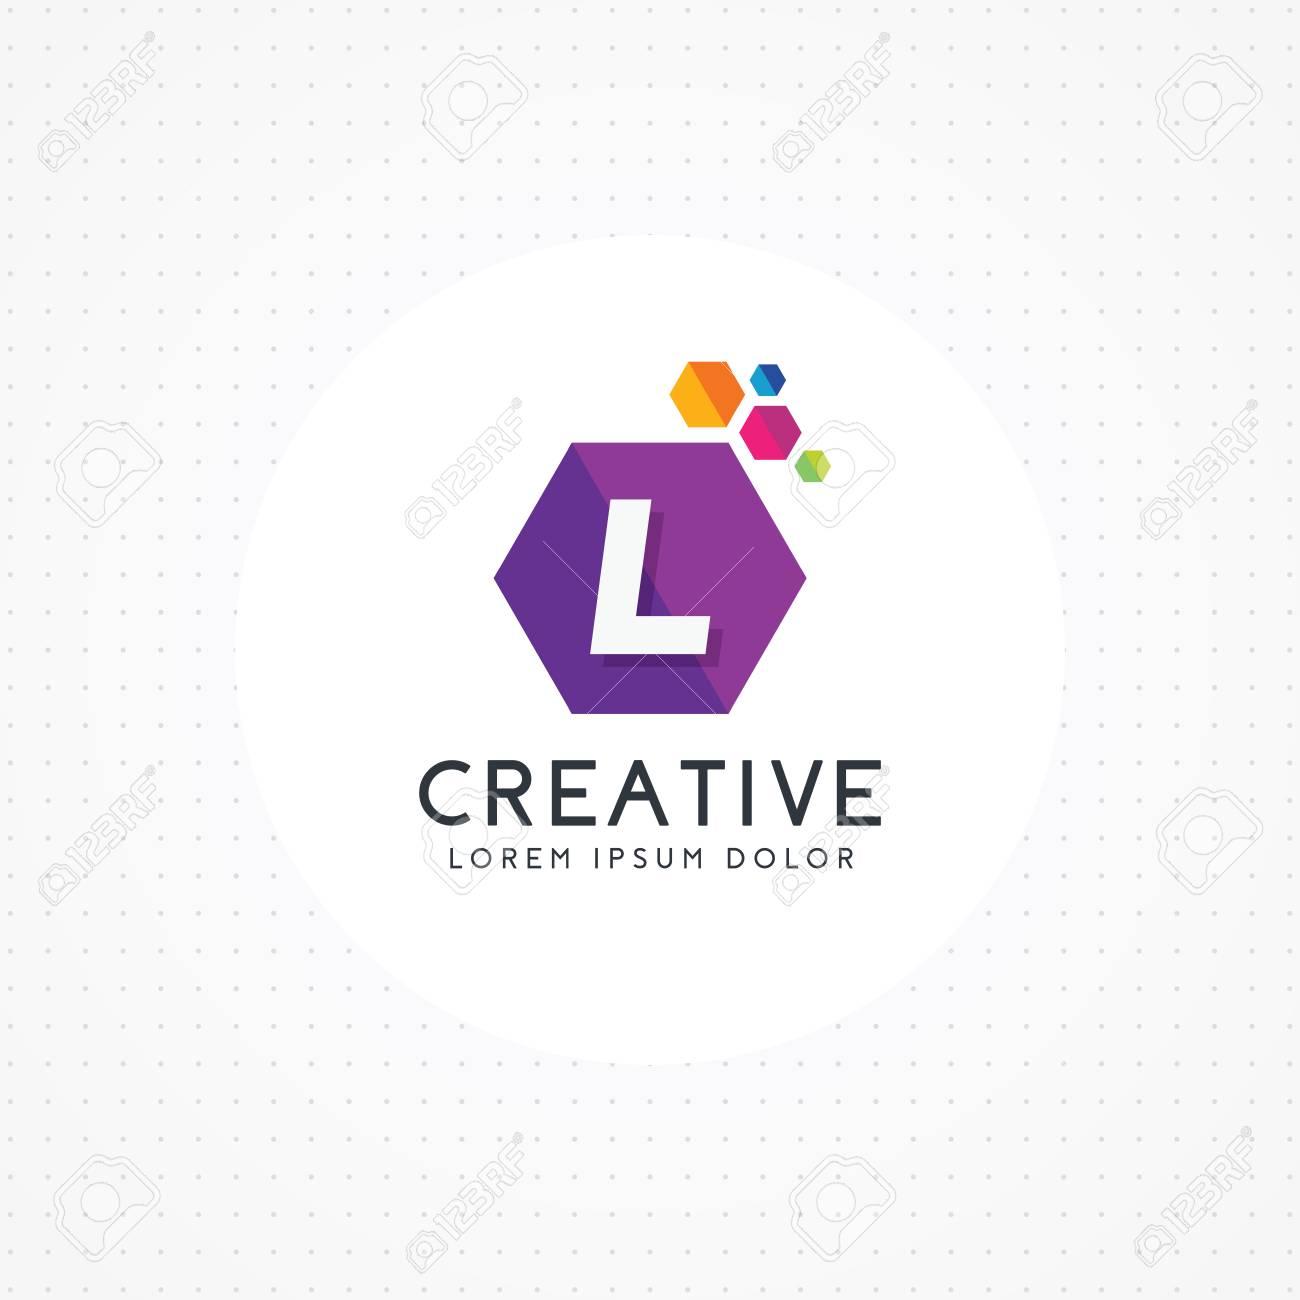 creative hexagonal letter l logo letter l logo design vector with hexagon vector logo